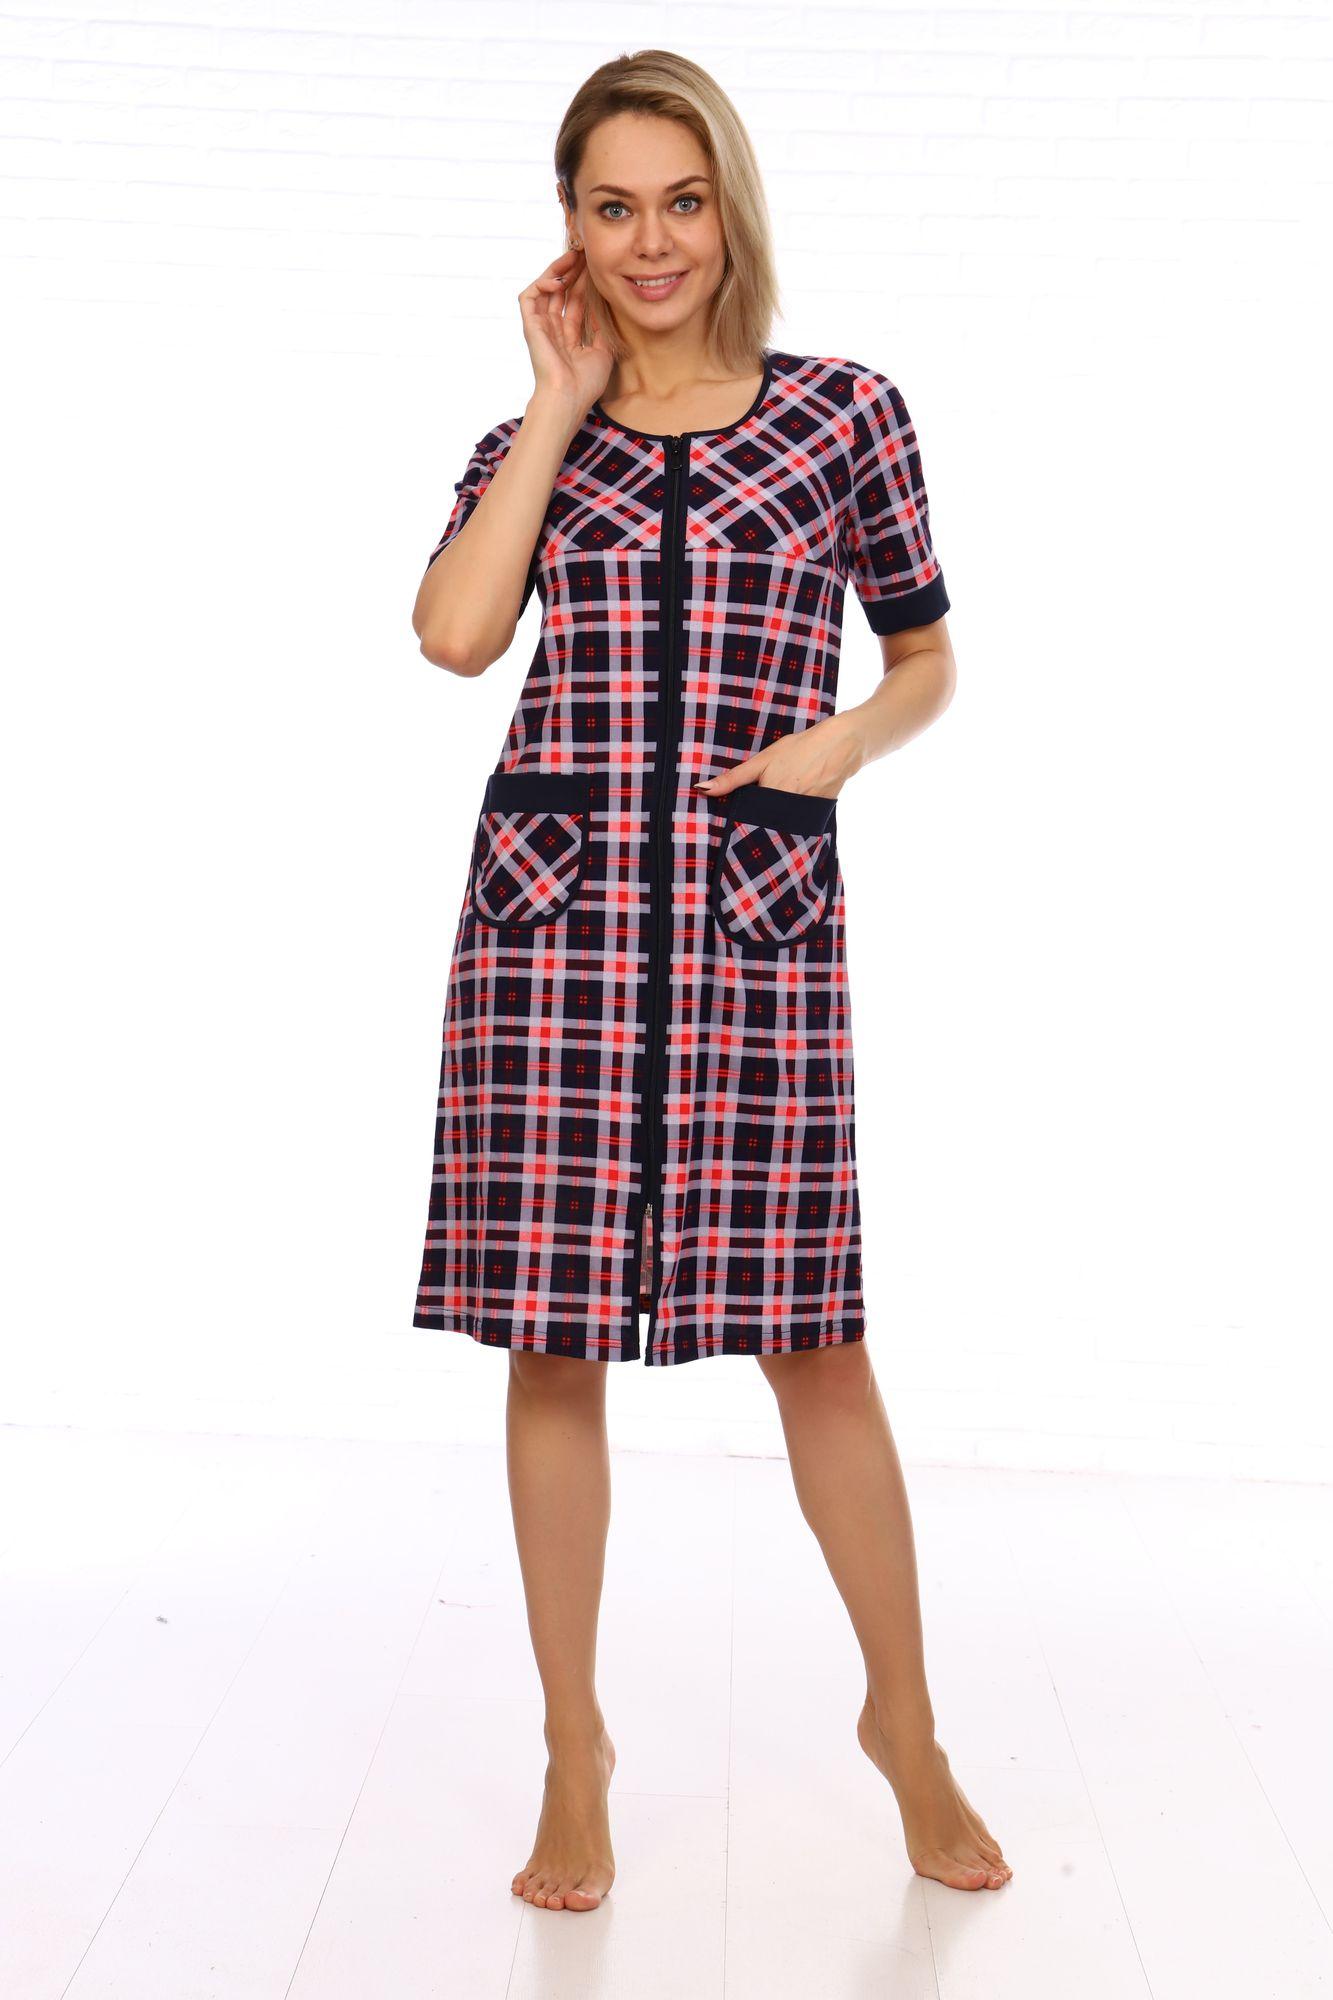 Халат женский, модель 124,трикотаж  (Шотландка, розовый)